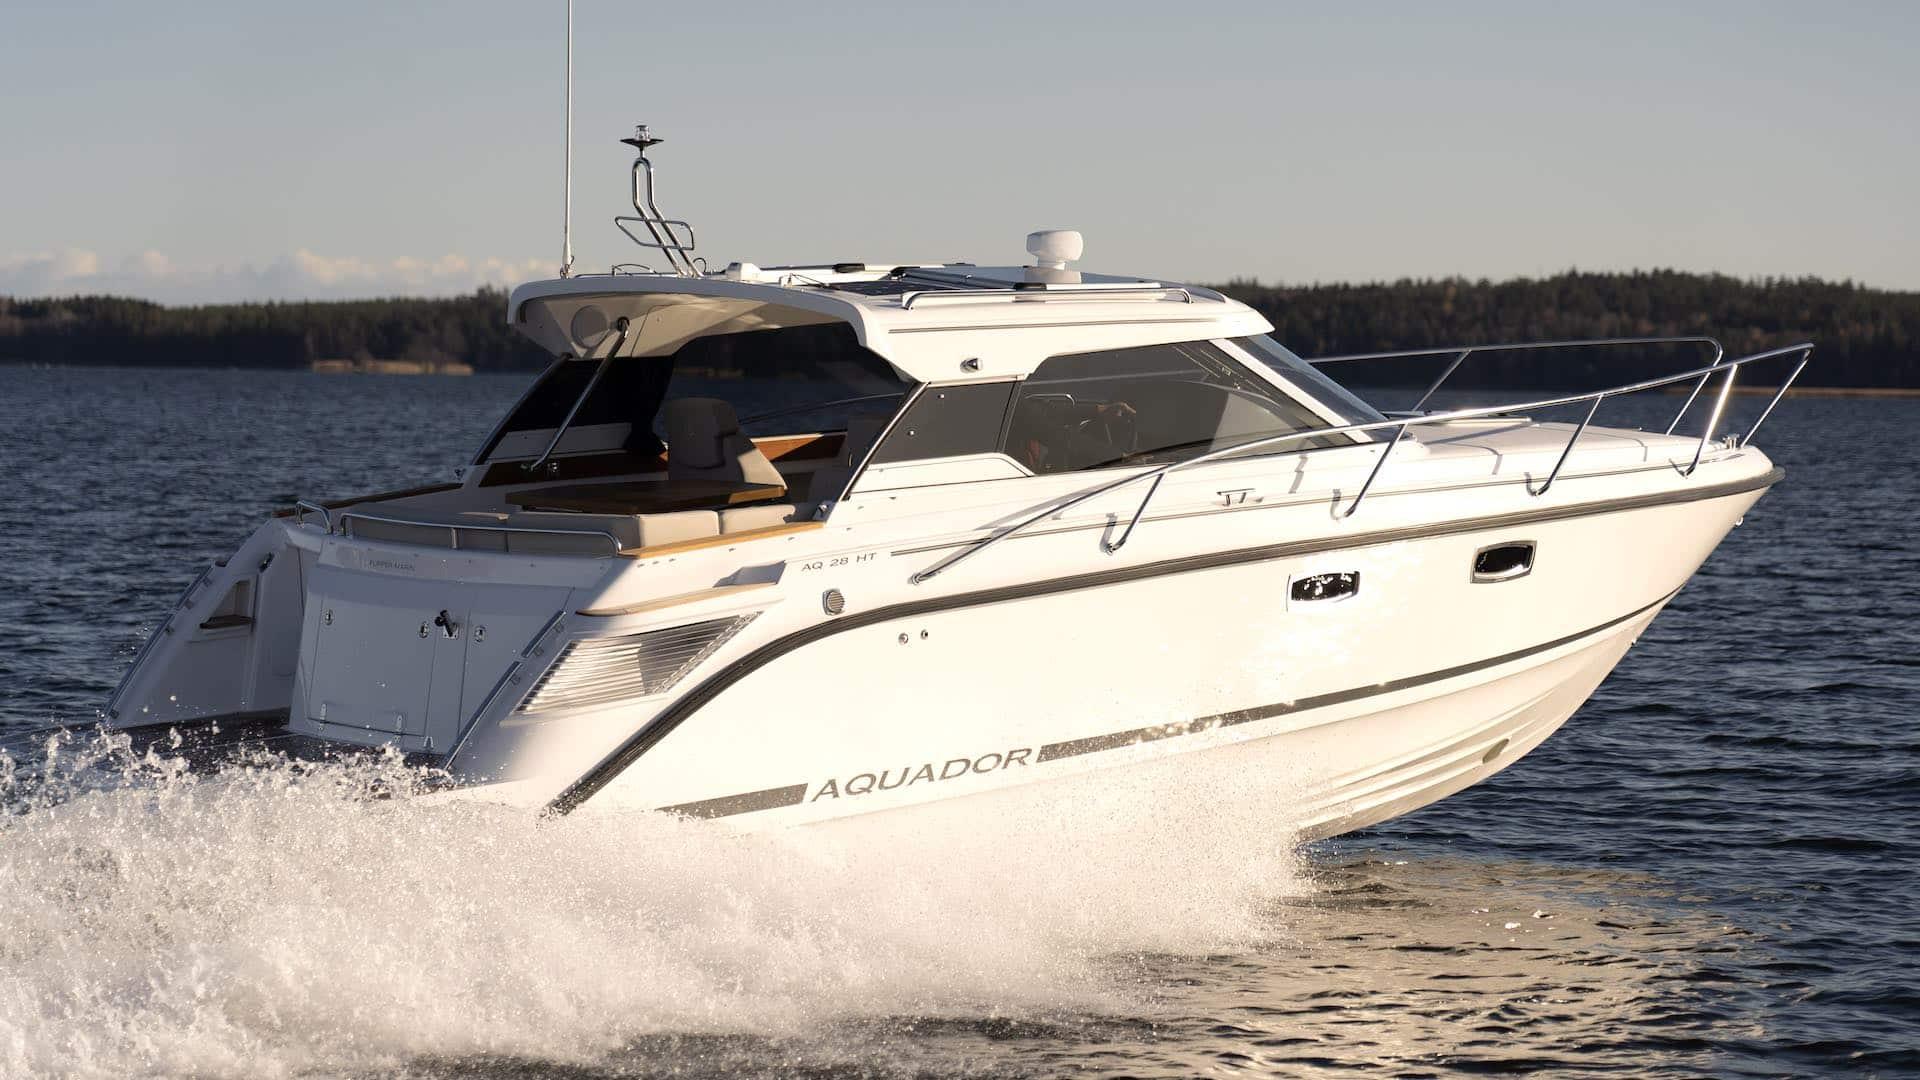 Aquador 28 HT test